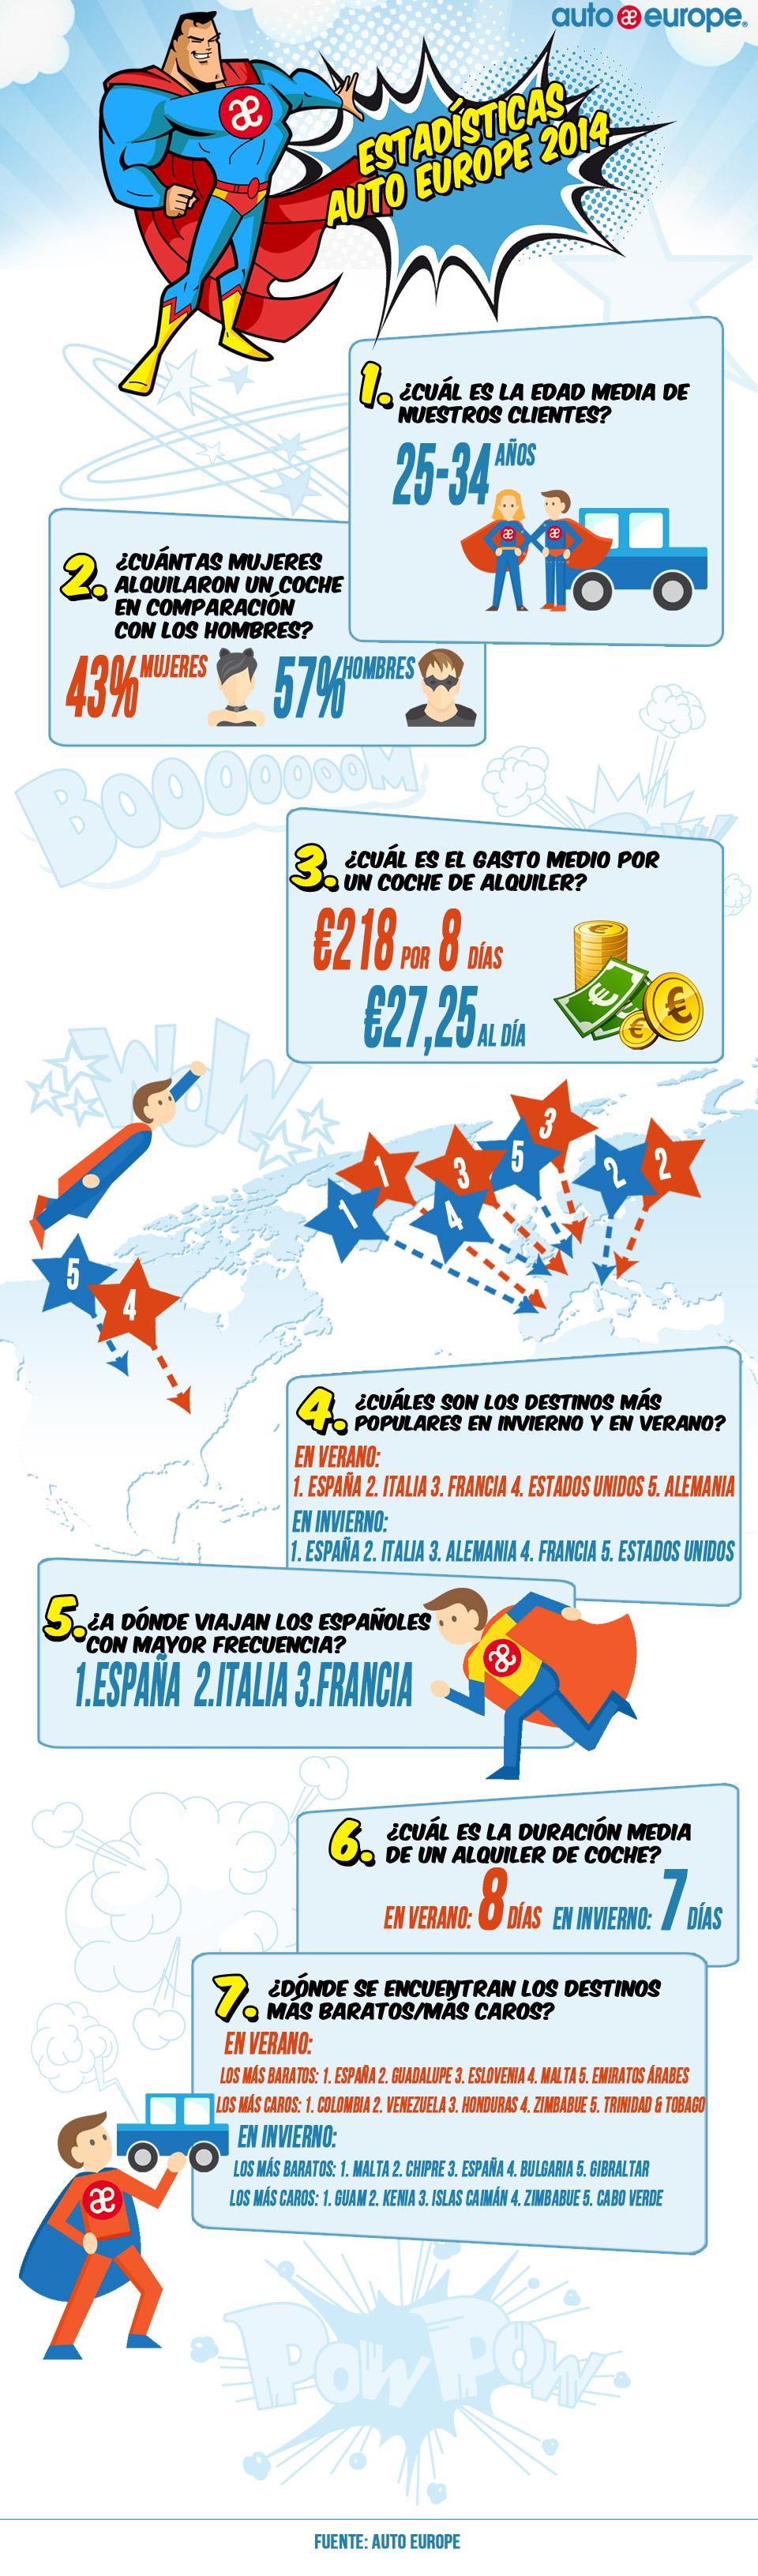 Estadísticas Auto Europe